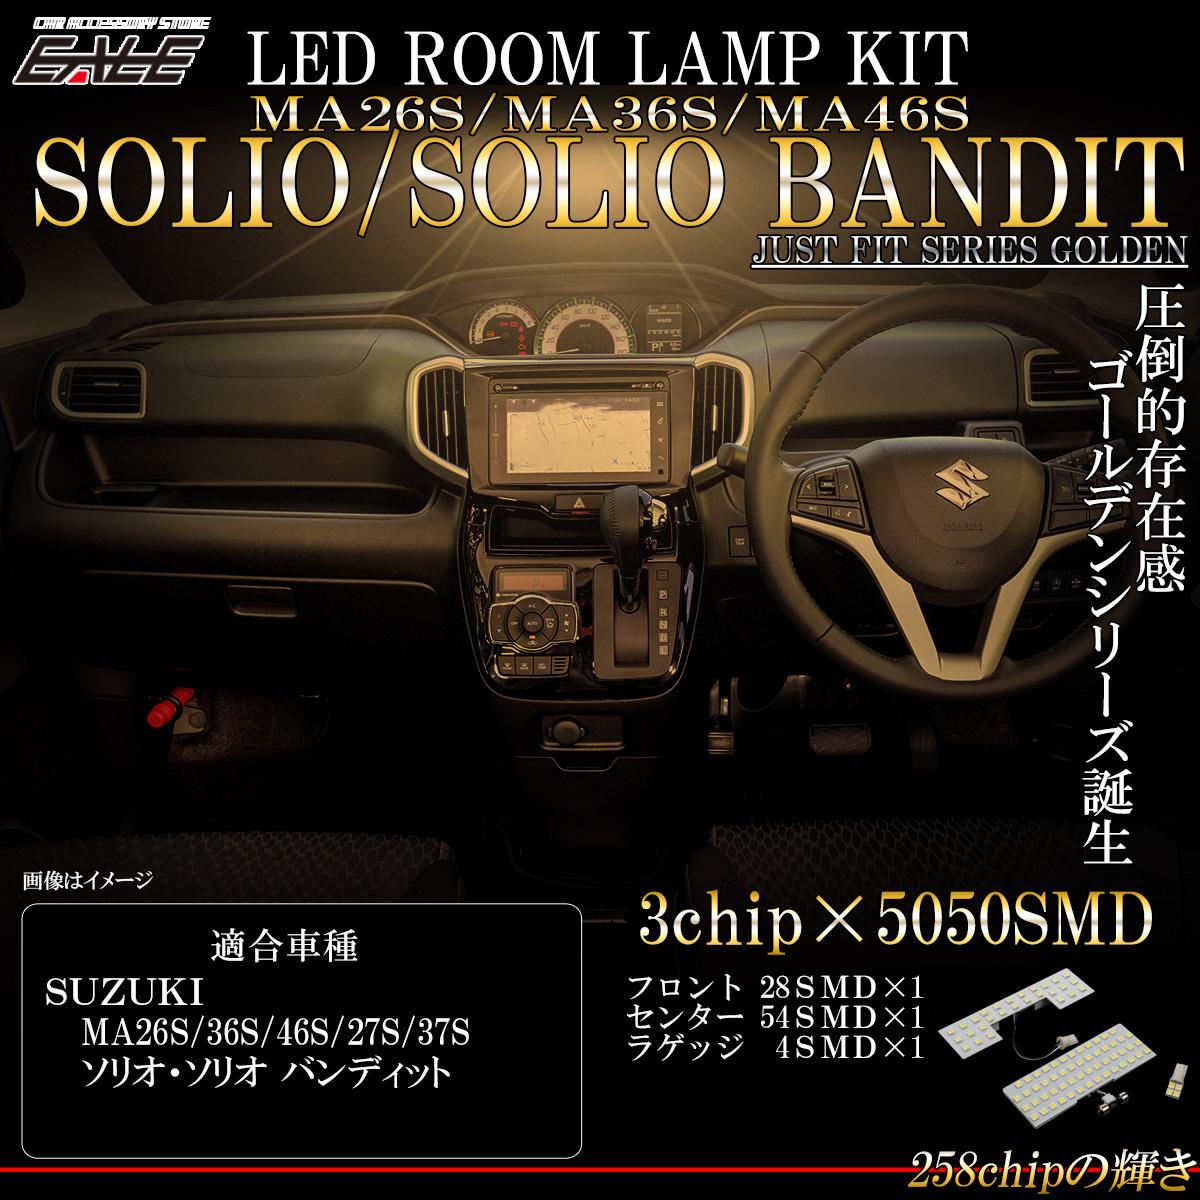 【ネコポス可】 LED ルームランプ ソリオ SOLIO バンディット MA26S MA36S MA46S 電球色 3000K ウォームホワイト 専用設計 R-478